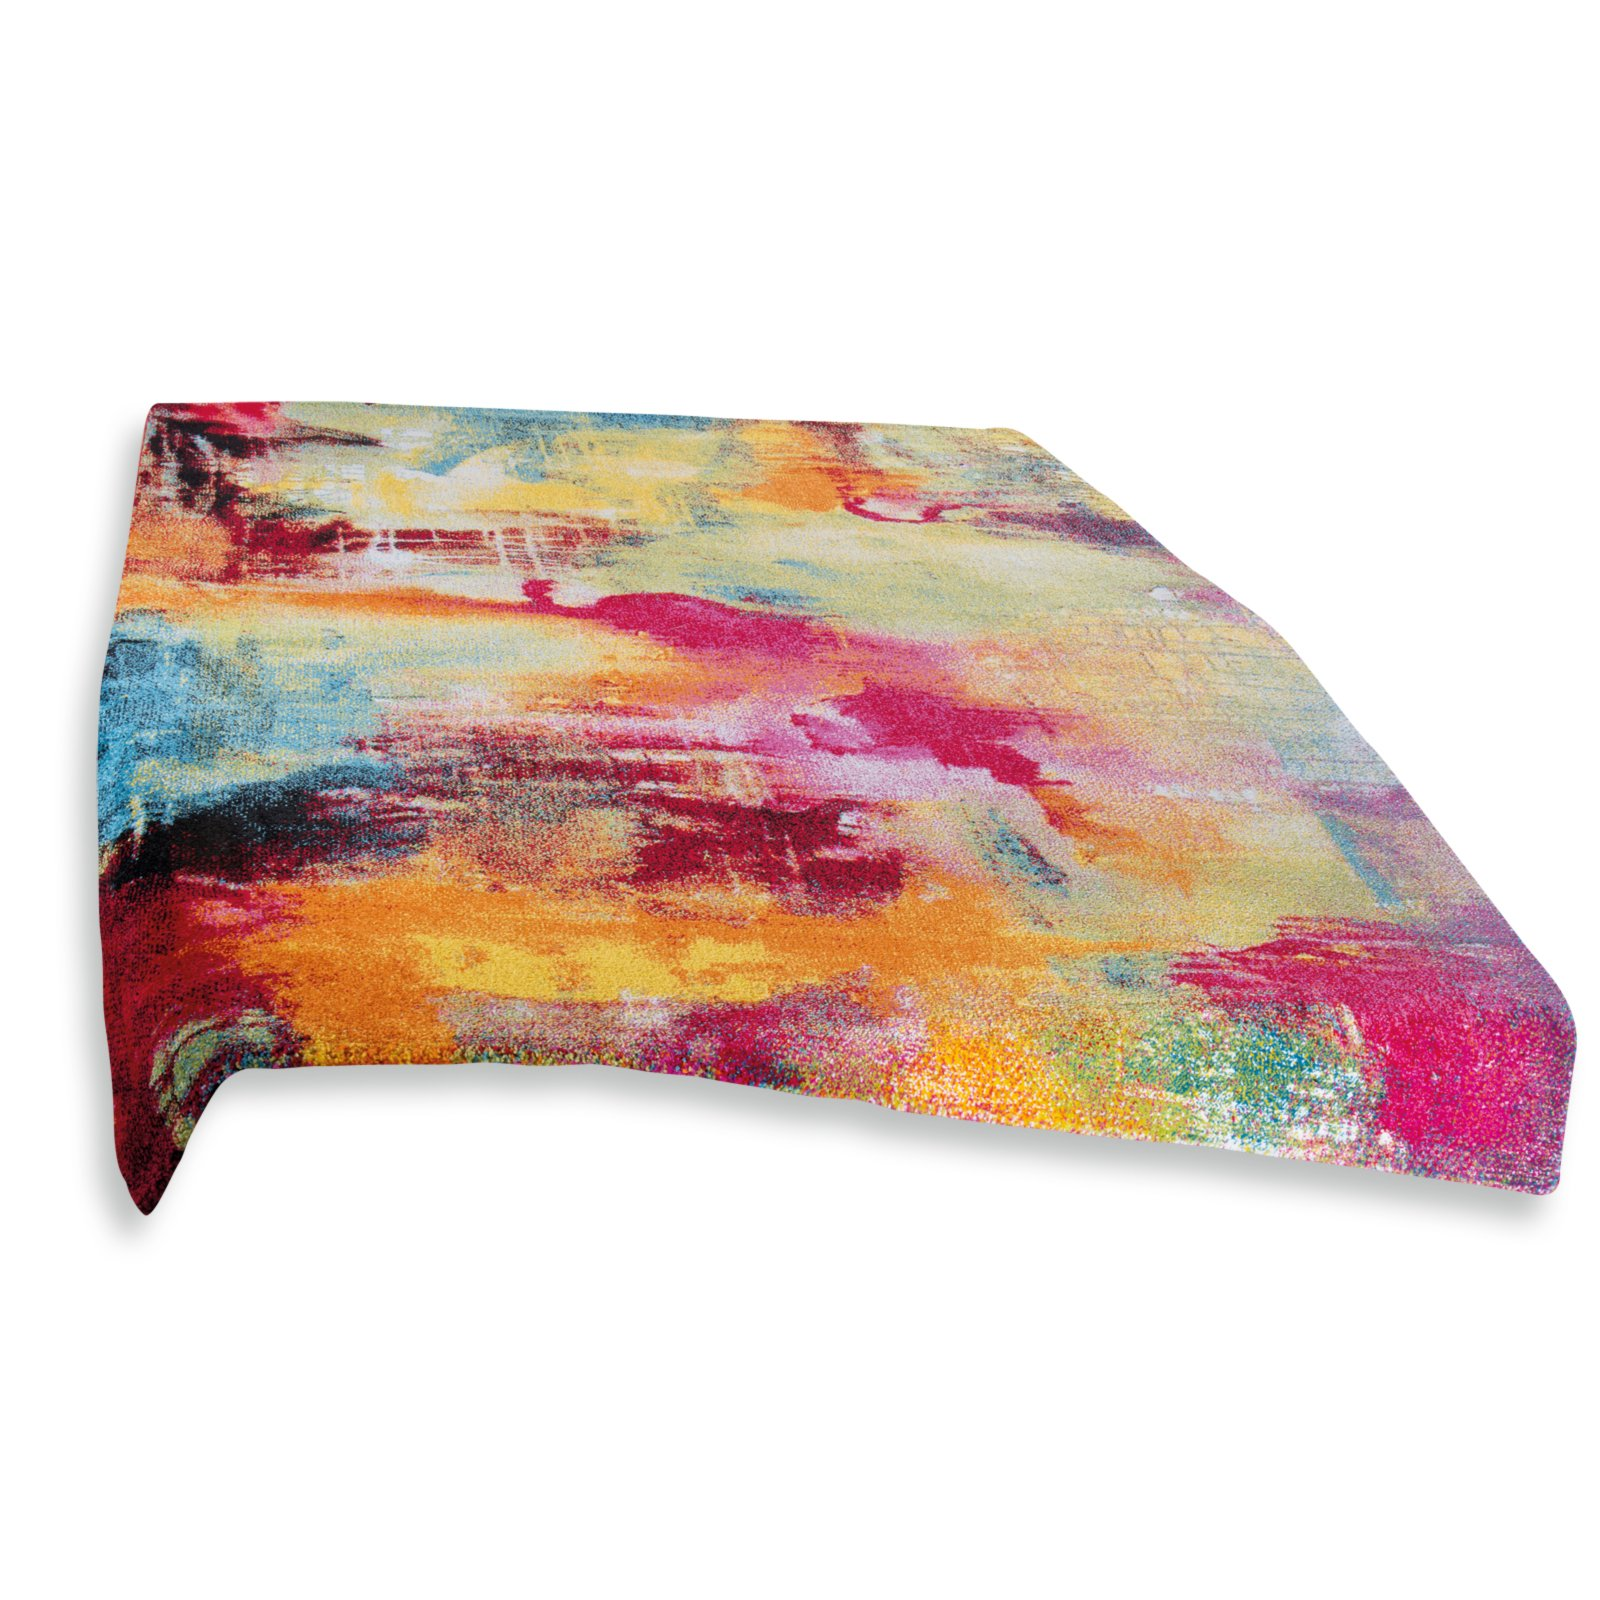 teppich belis bunt gemustert 120x170 cm gemusterte teppiche teppiche l ufer deko. Black Bedroom Furniture Sets. Home Design Ideas